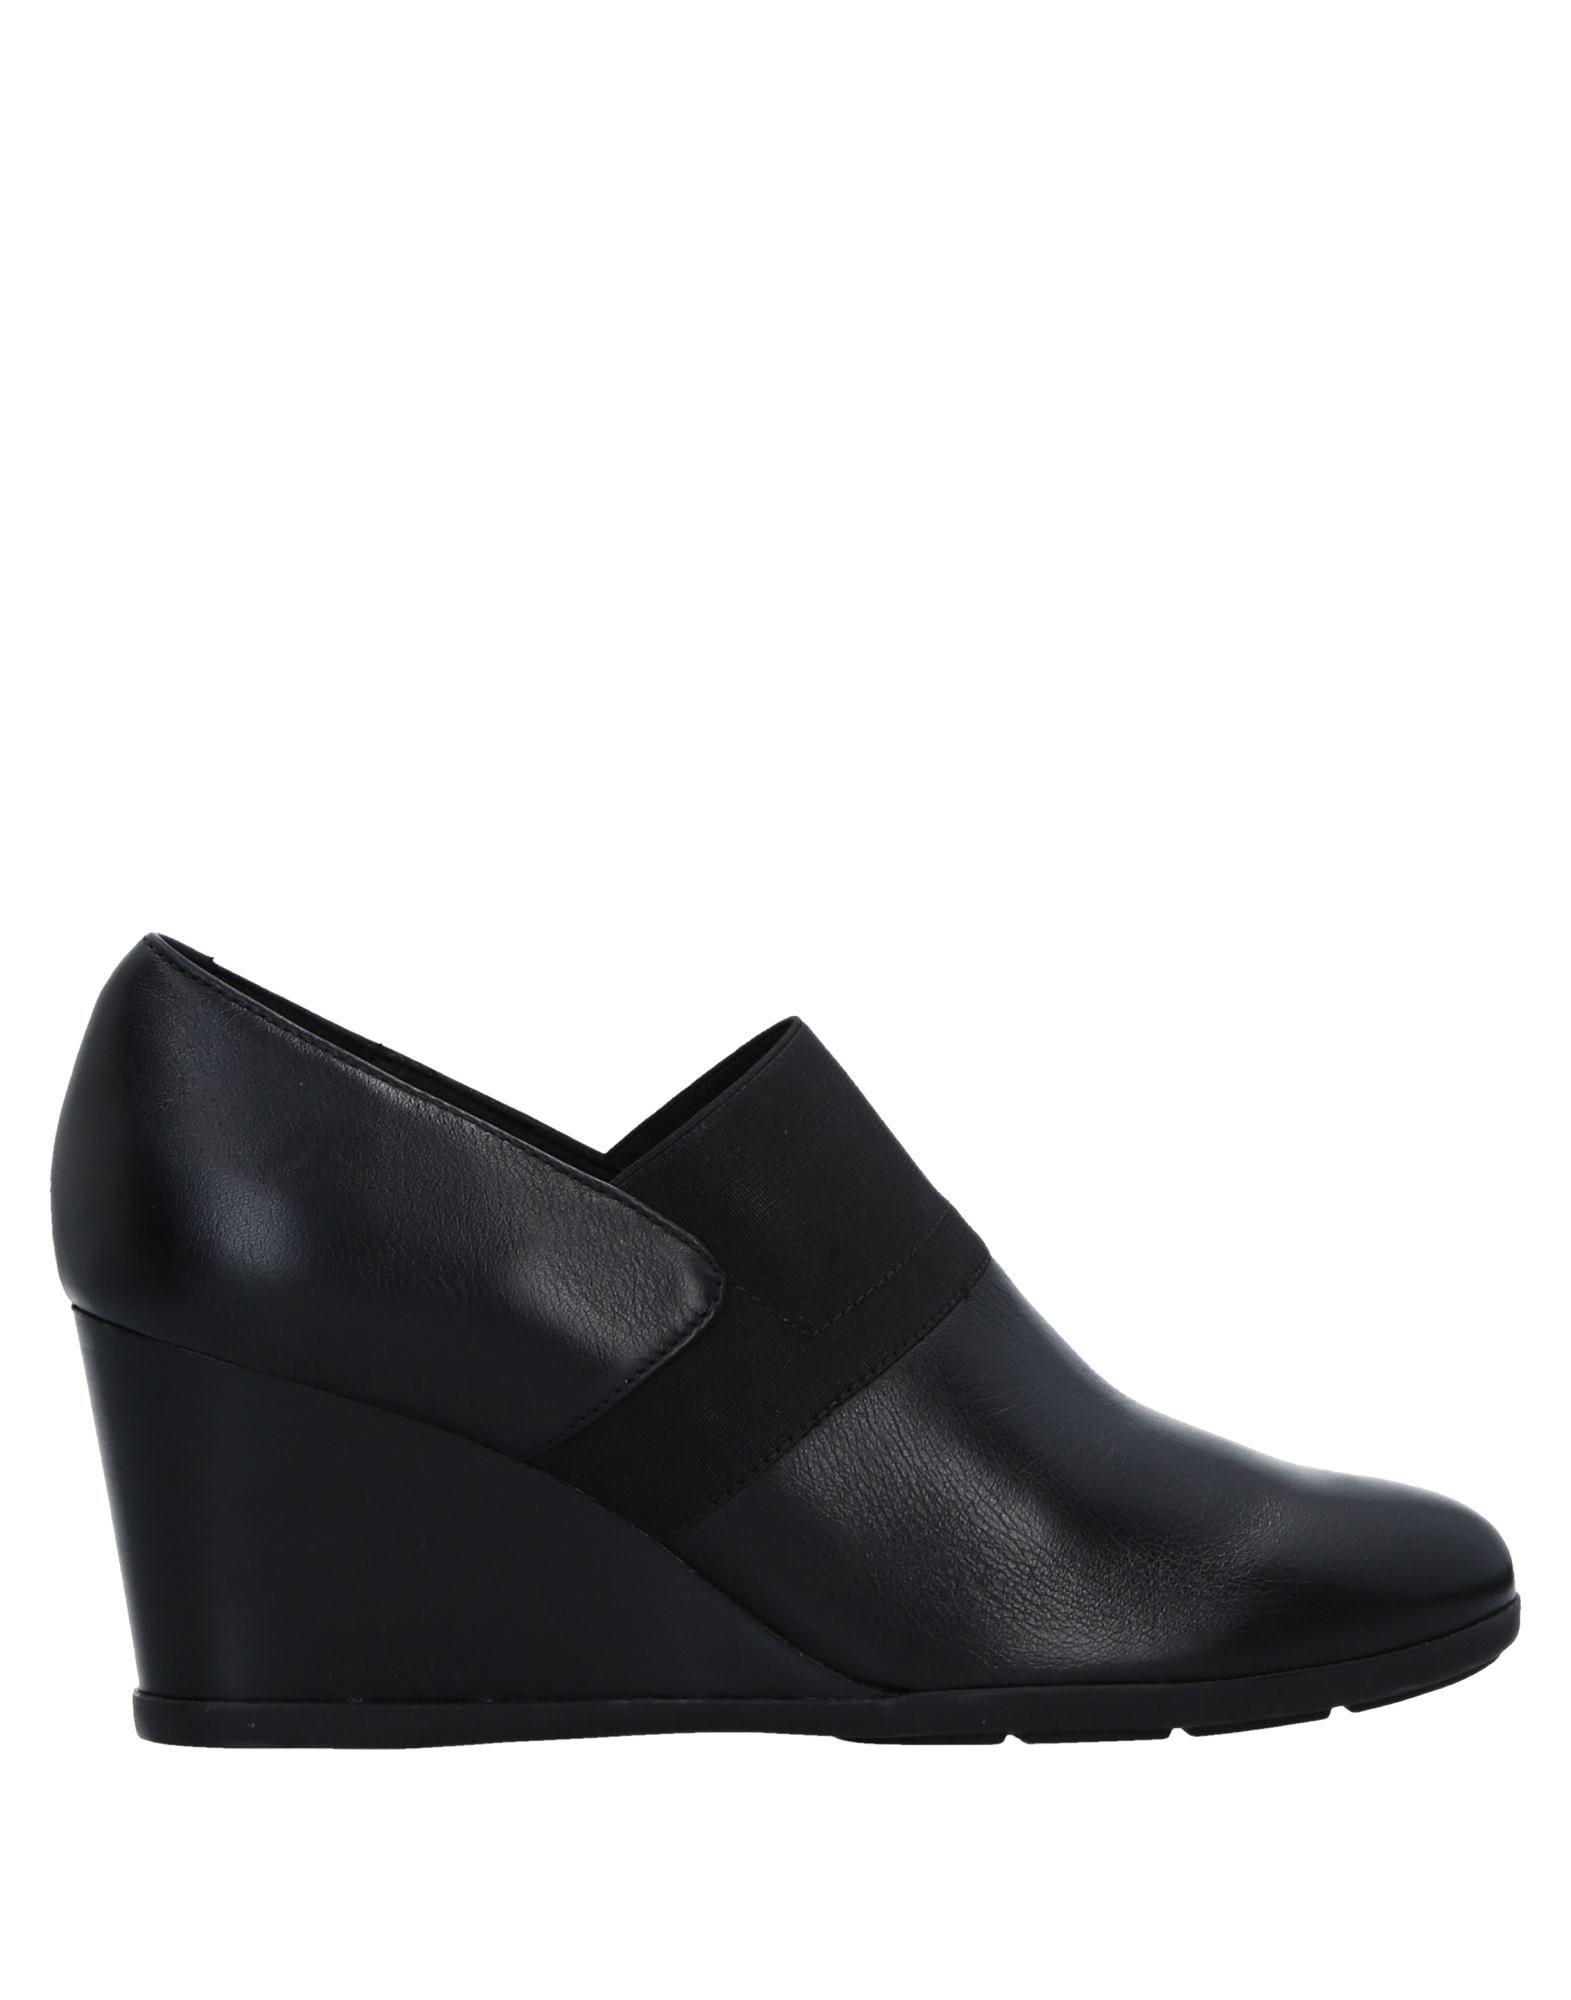 Haltbare Mode billige Schuhe Geox Stiefelette Damen  11539467DF Heiße Schuhe